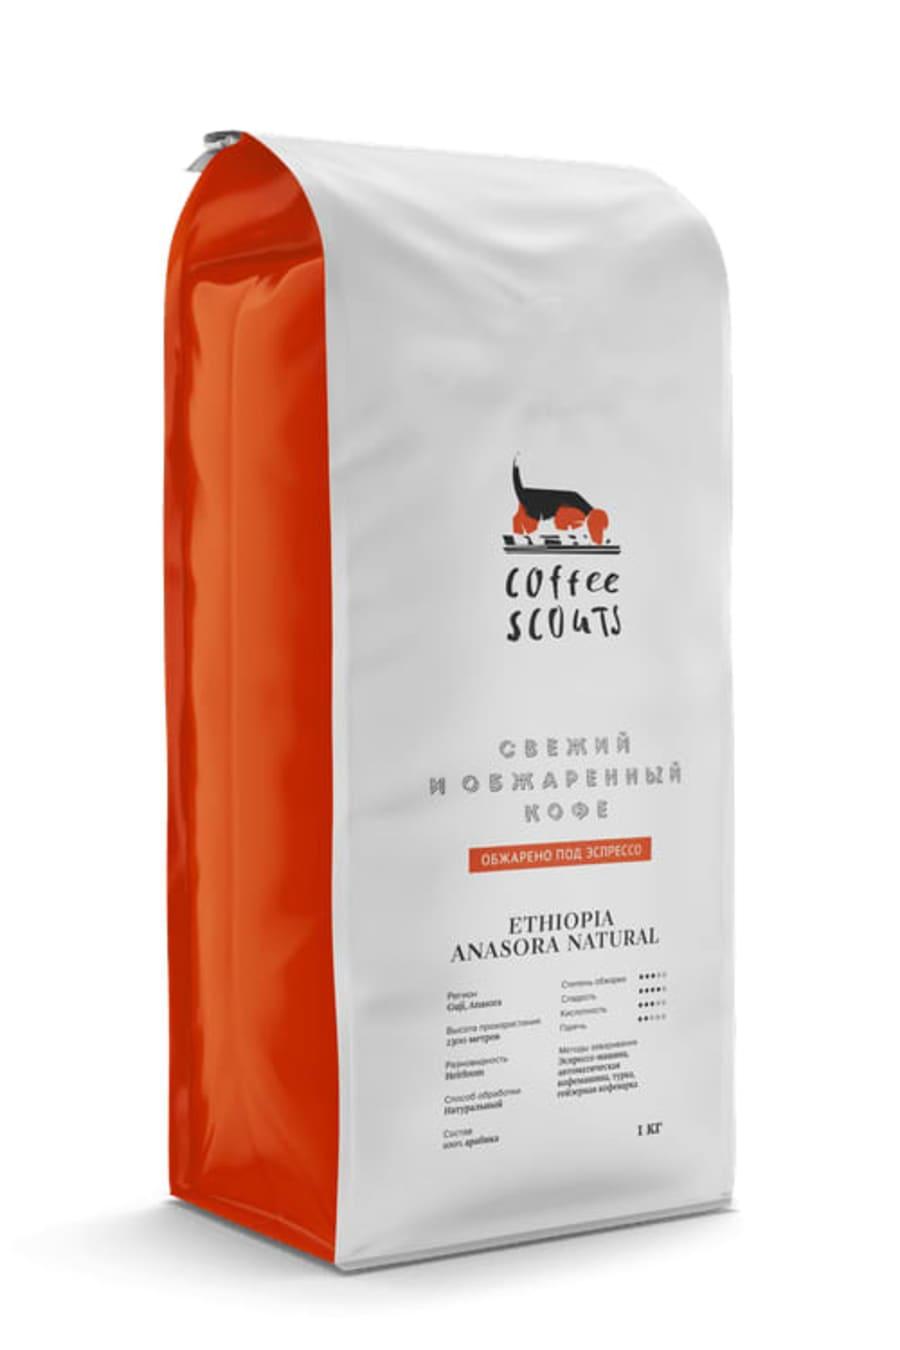 Ethiopia Anasora Natural   Mad Espresso Team